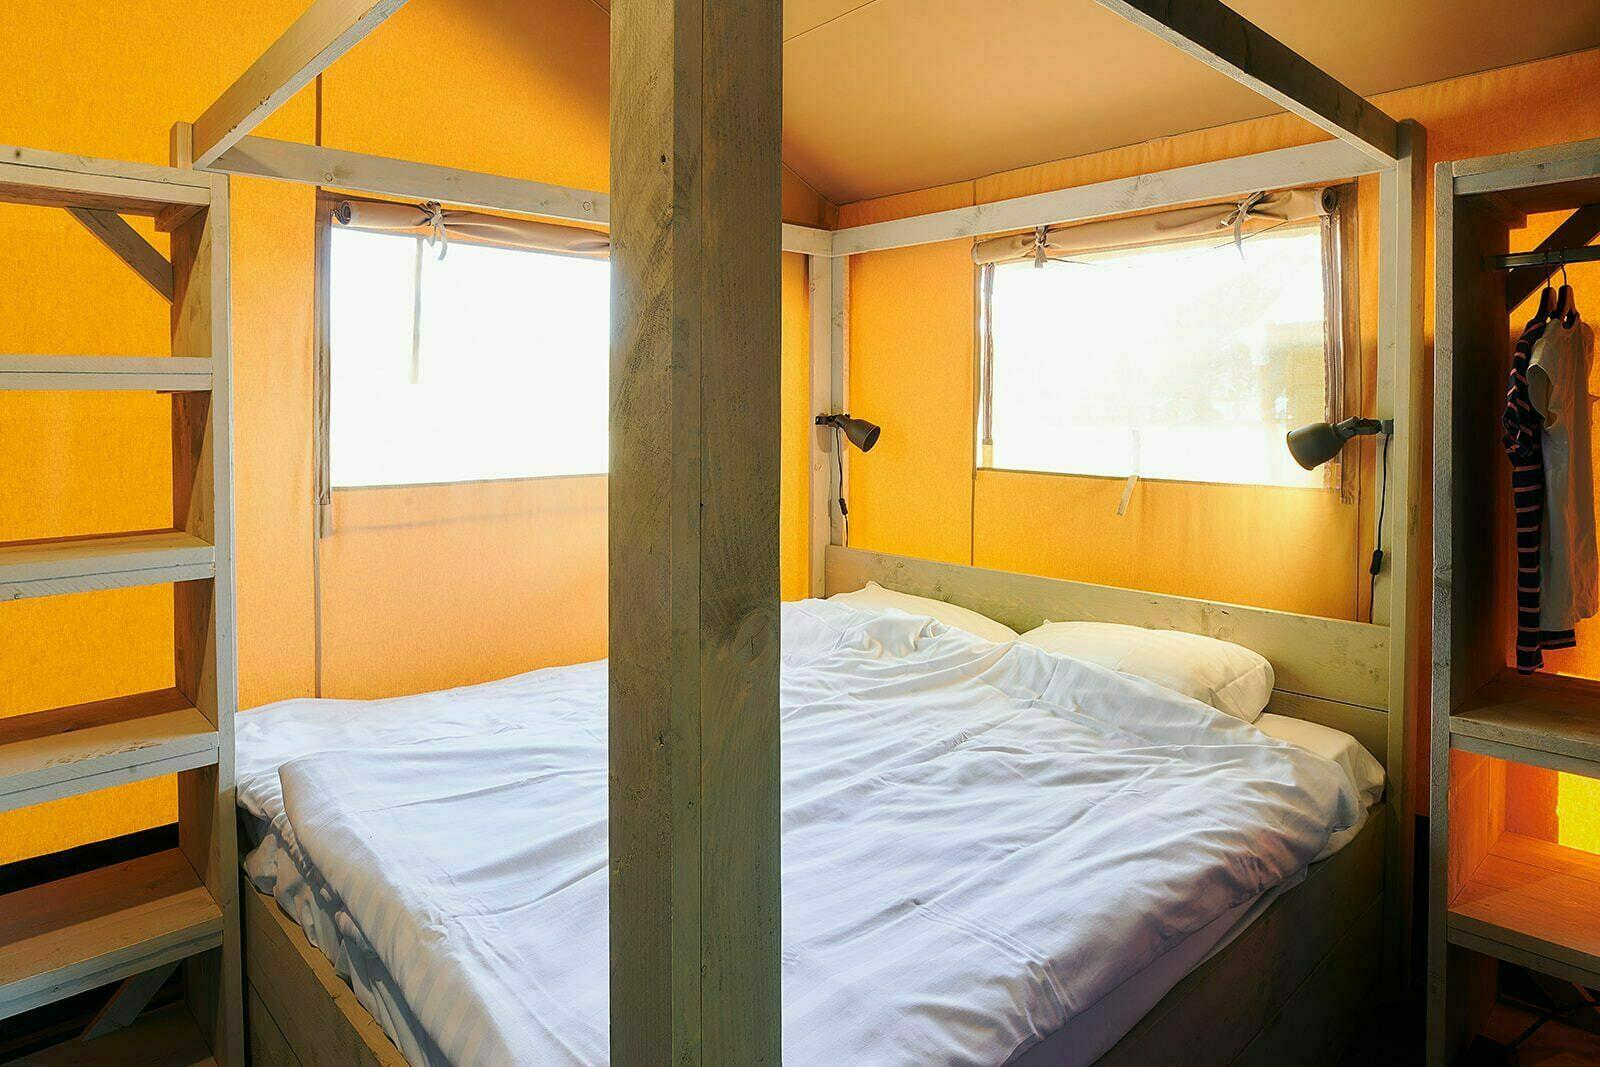 Parque de vacaciones Sallandshoeve | Sanitario de lujo XL + 6 Pers.